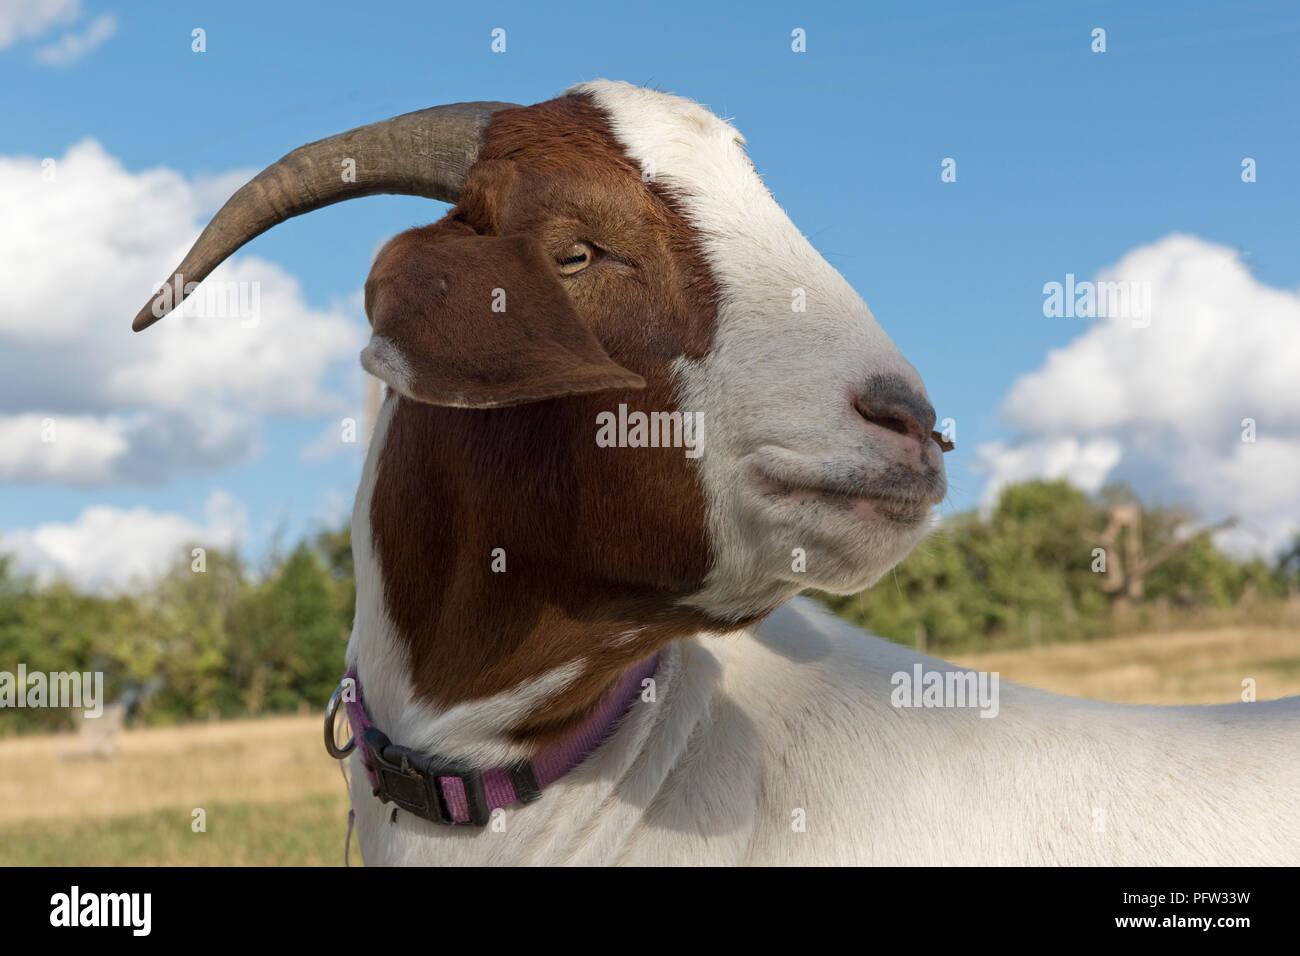 Cabeza de un castrado 'capones' cabra Boer mascota con un collar de color púrpura y buenos cuernos, Berkshire, Agosto Imagen De Stock